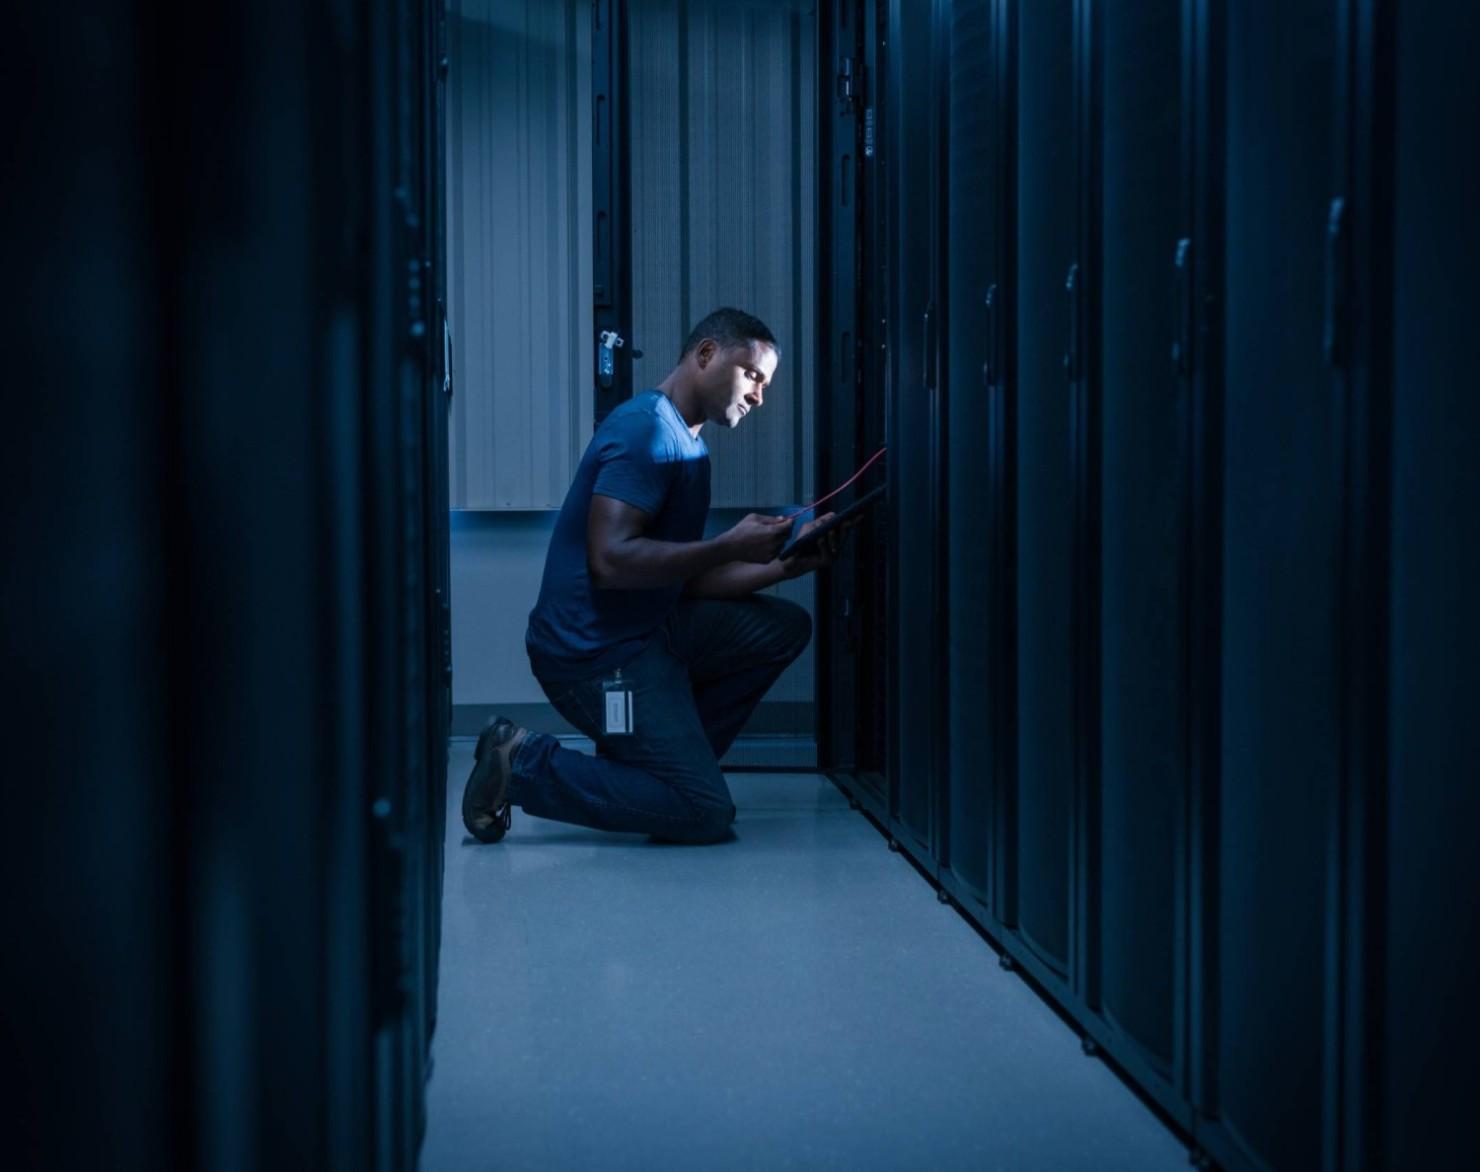 Tele2 Företag är en leverantör för trygghet, enkelhet och bättre överblick